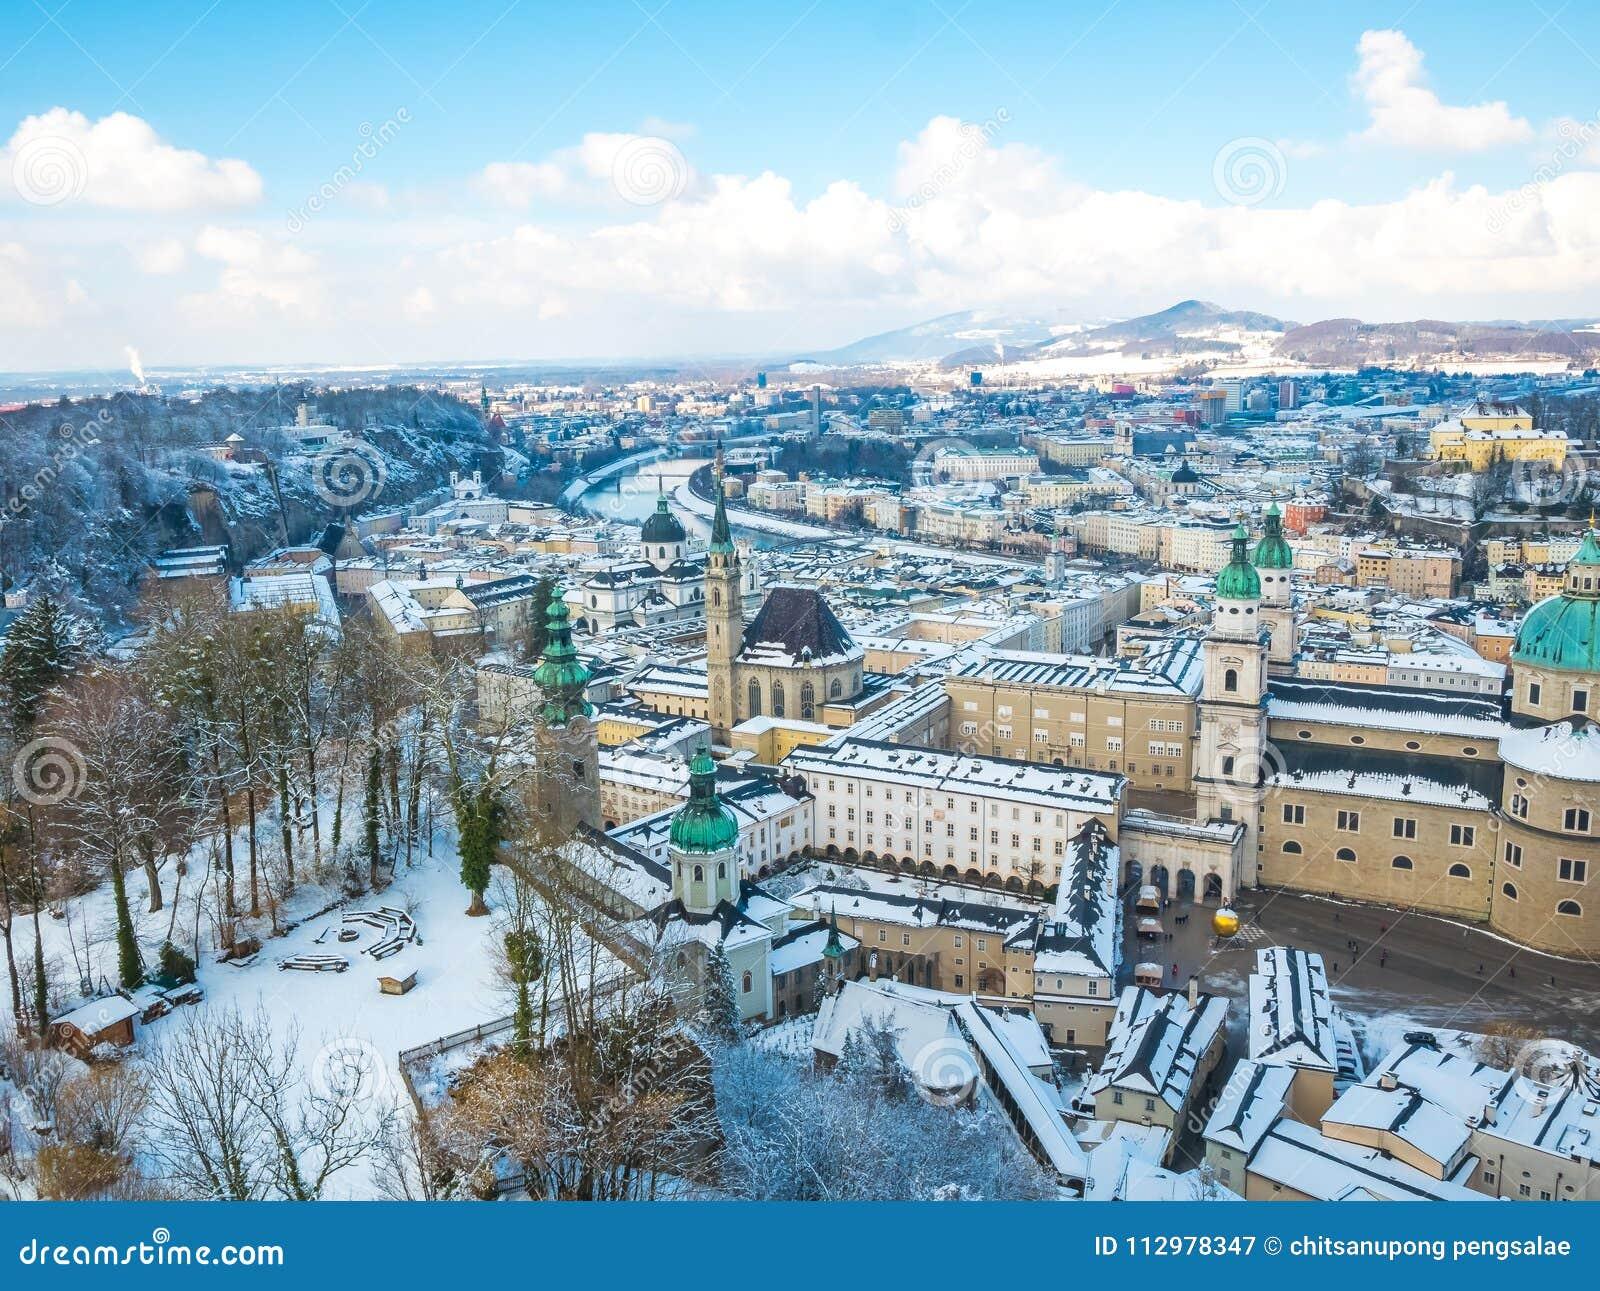 Cityscape landscape salzburg austria blue sky winter season snow moutain